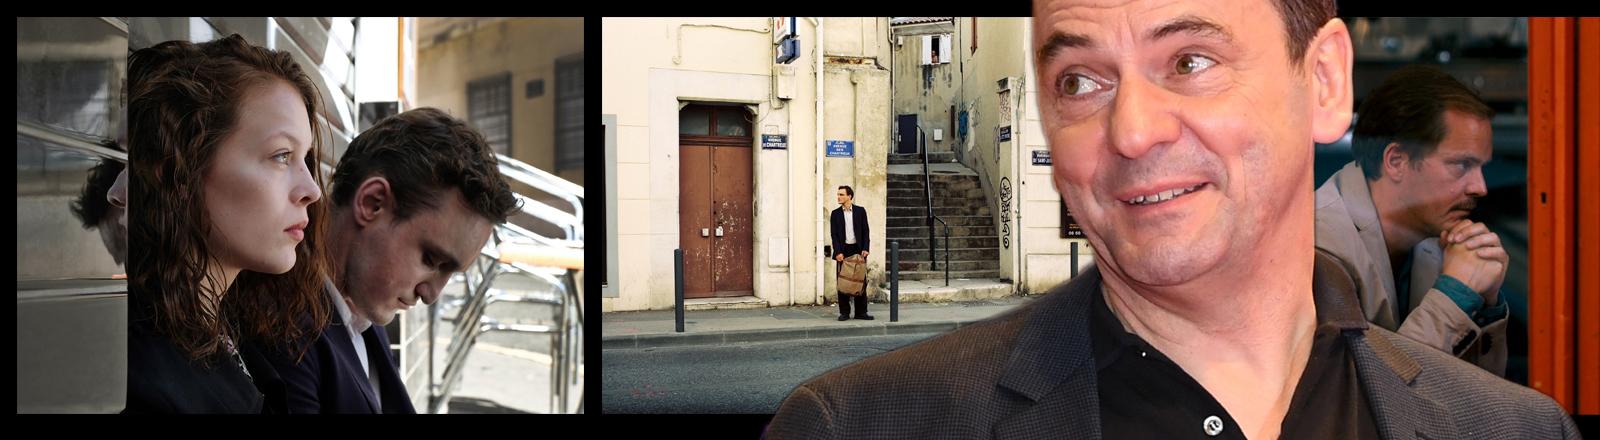 """Christian Petzold mit seinem Film """"Transit""""."""